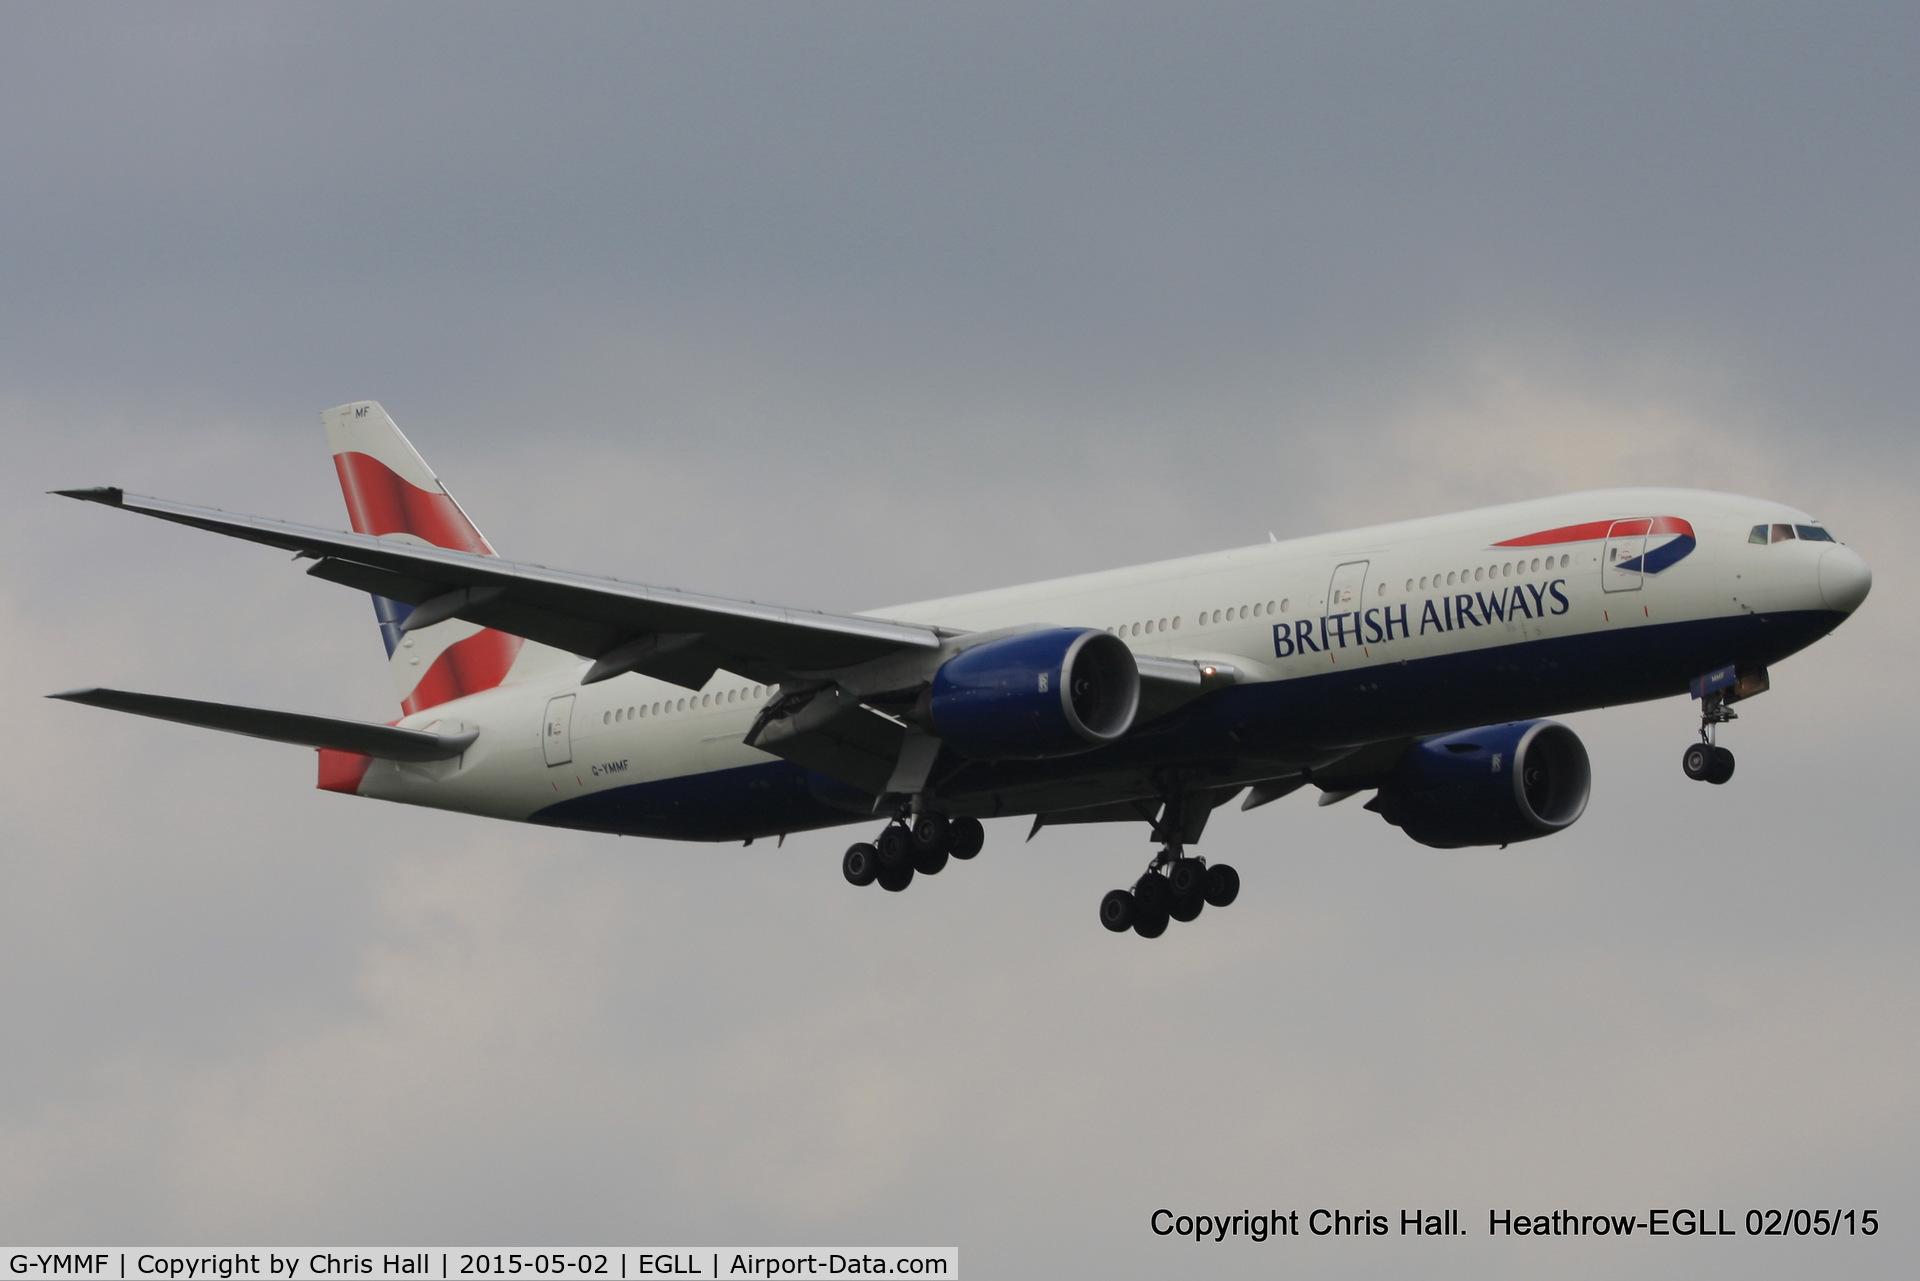 G-YMMF, 2000 Boeing 777-236 C/N 30307, British Airways